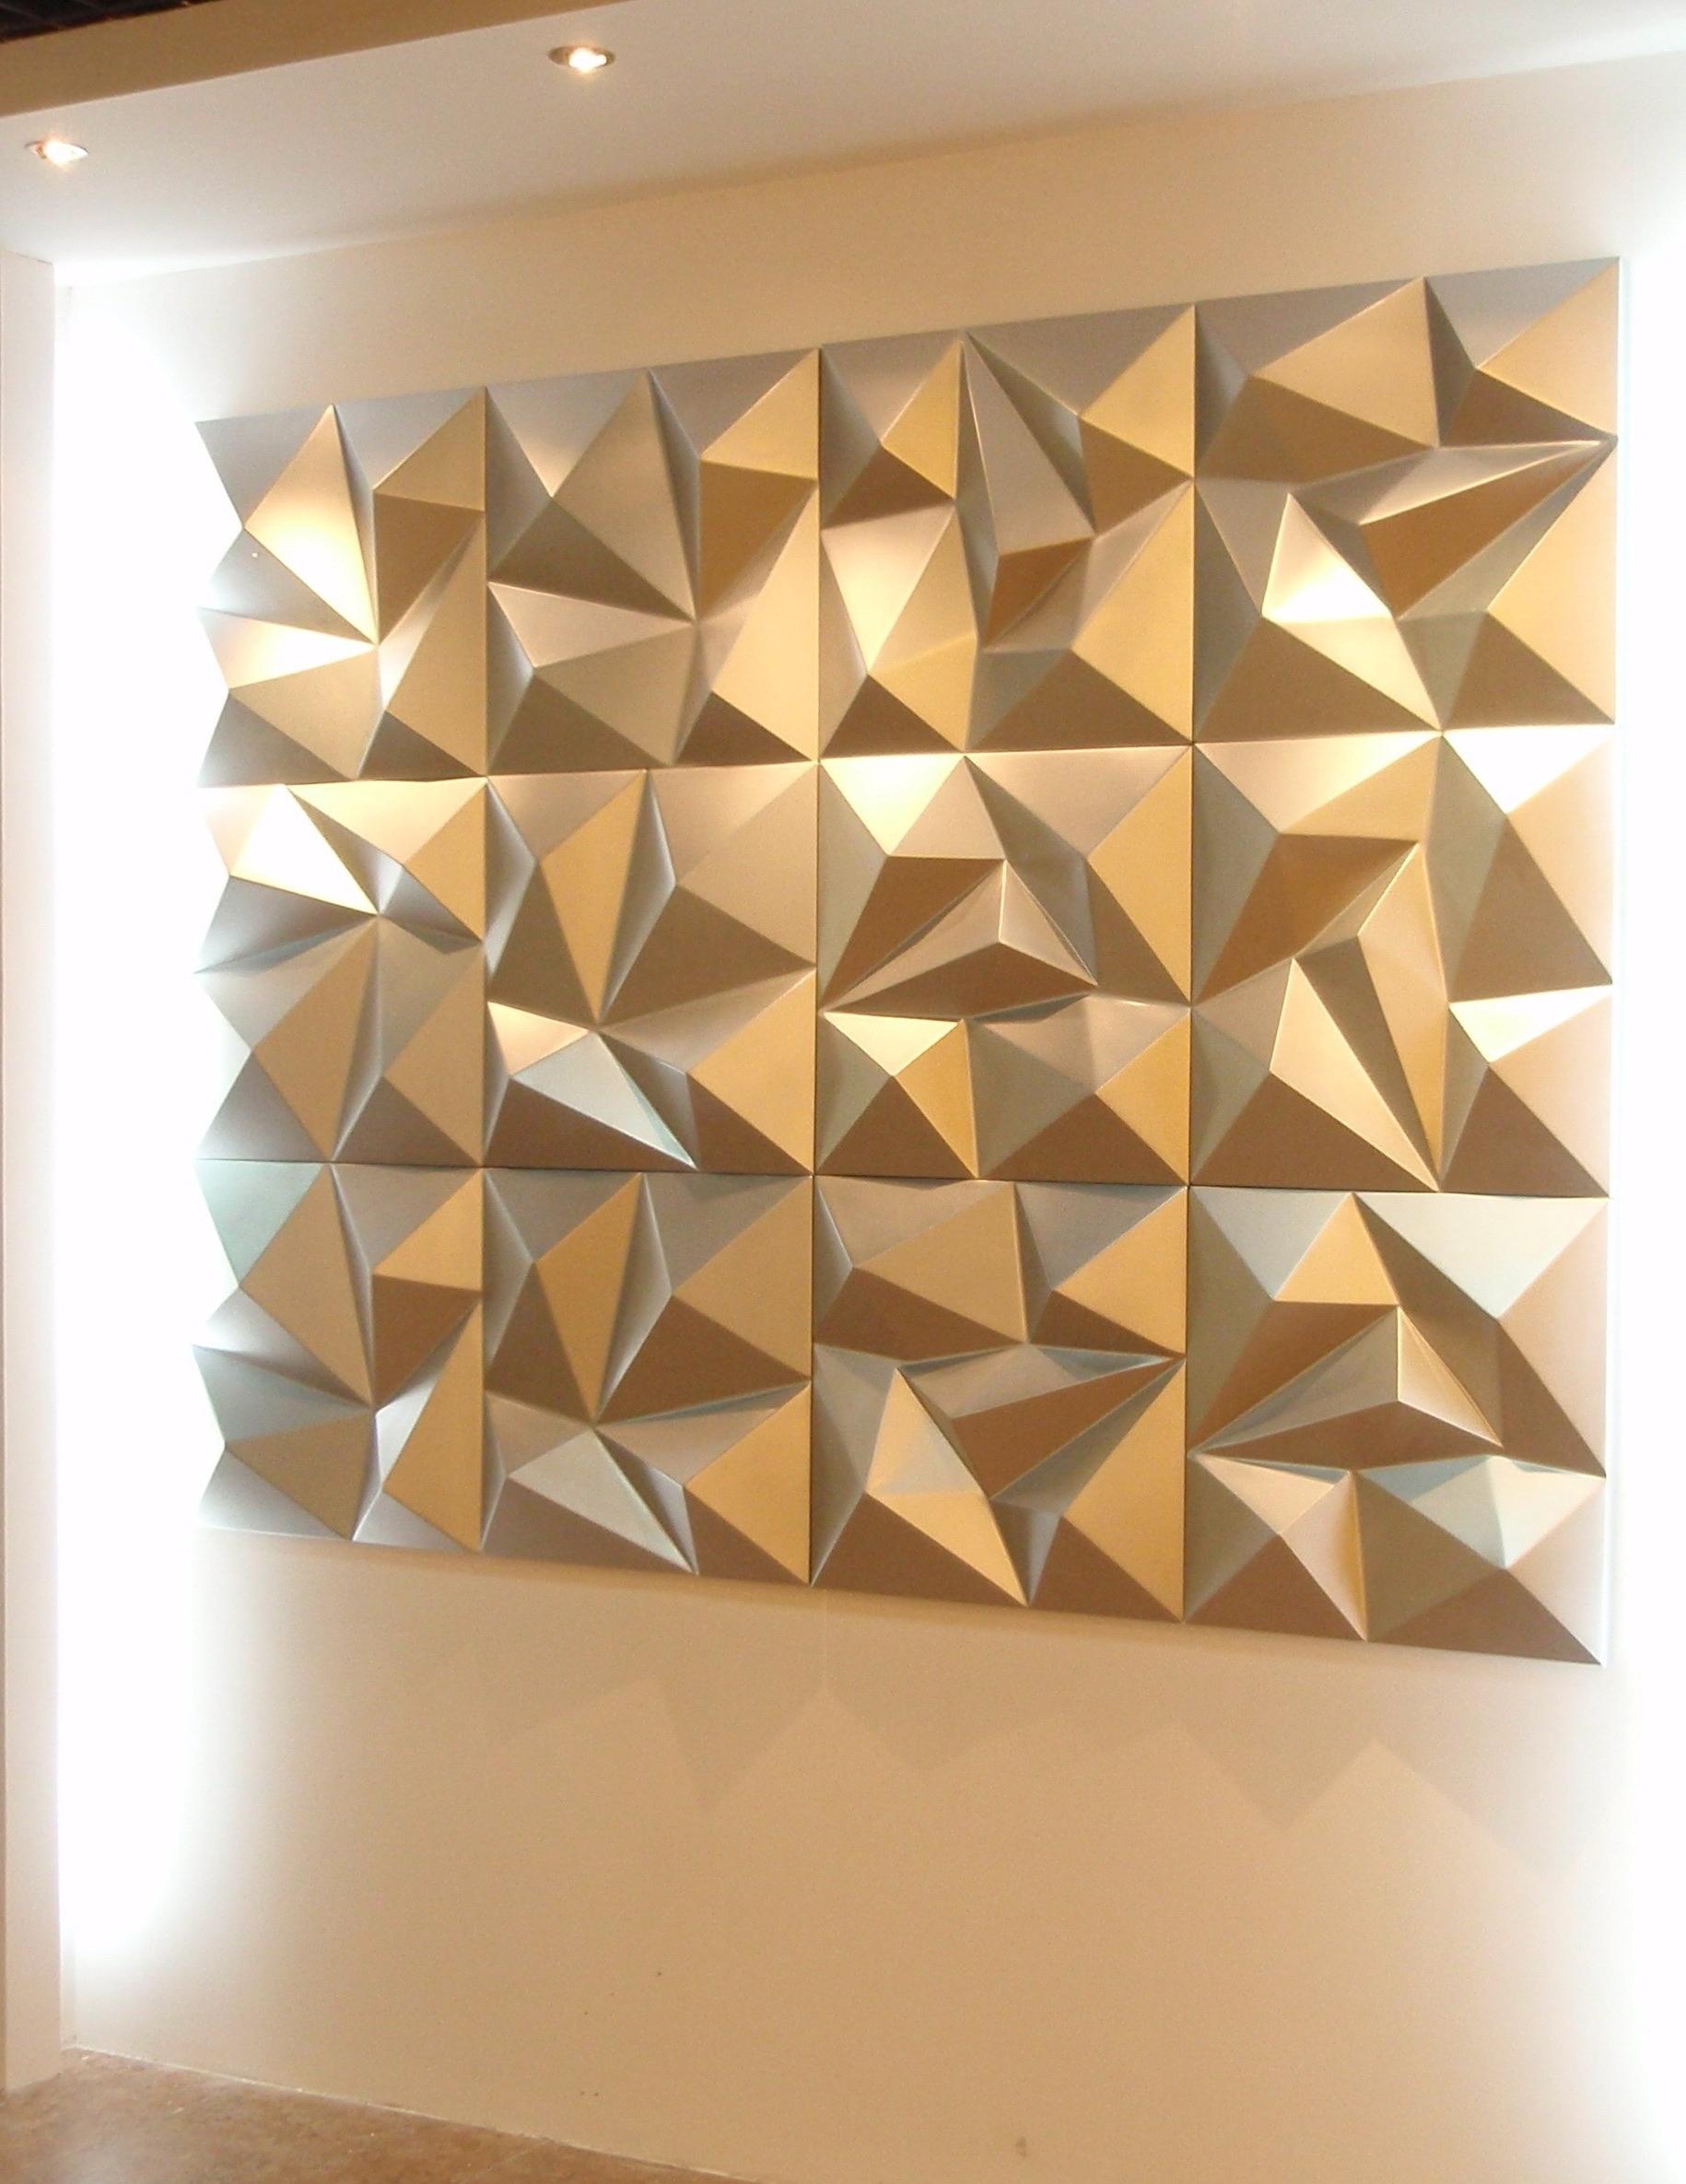 Best 15 Of 3d Wall Panels Wall Art